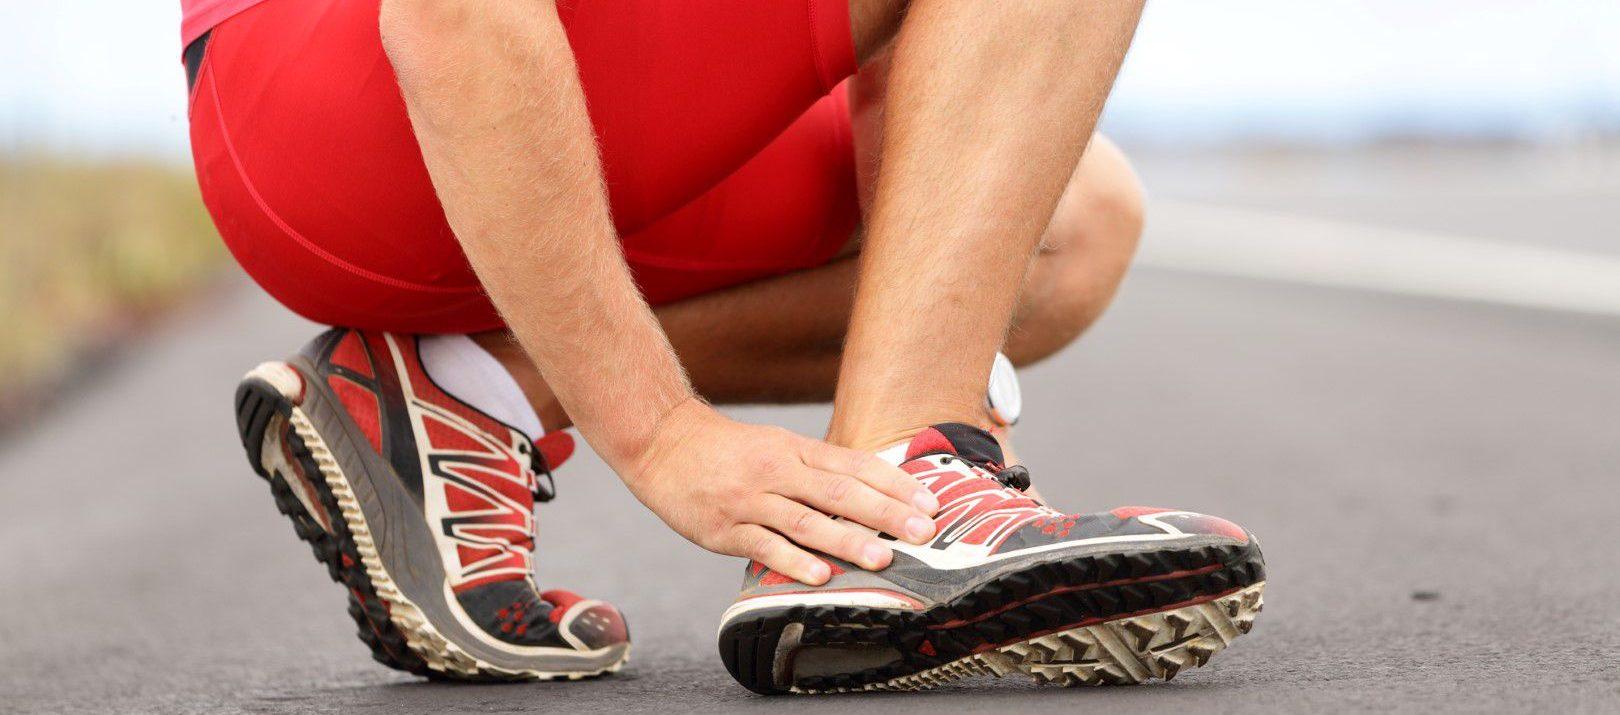 Ankle Pain, Ankle Sprain